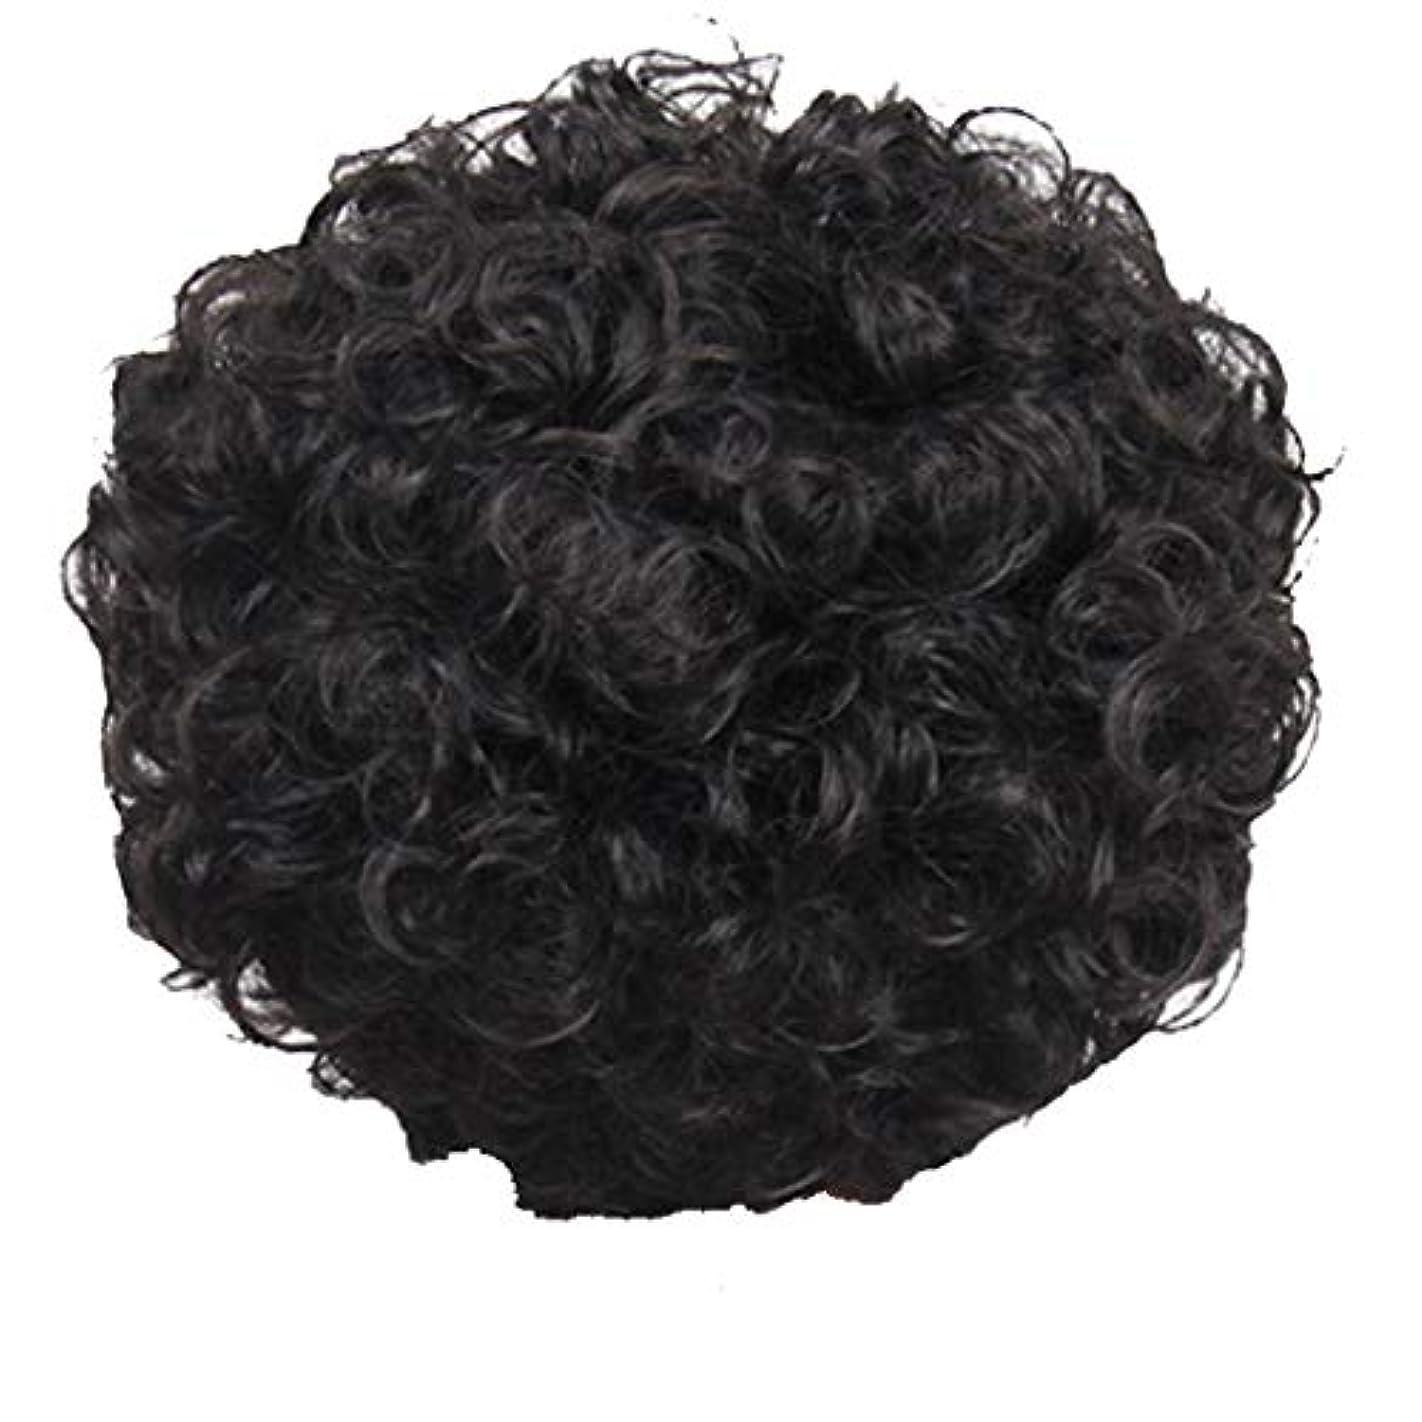 お嬢連想組み合わせるかつら、女性、短い髪、巻き毛、かつら、エルフカット、かつらキャップ、27cm